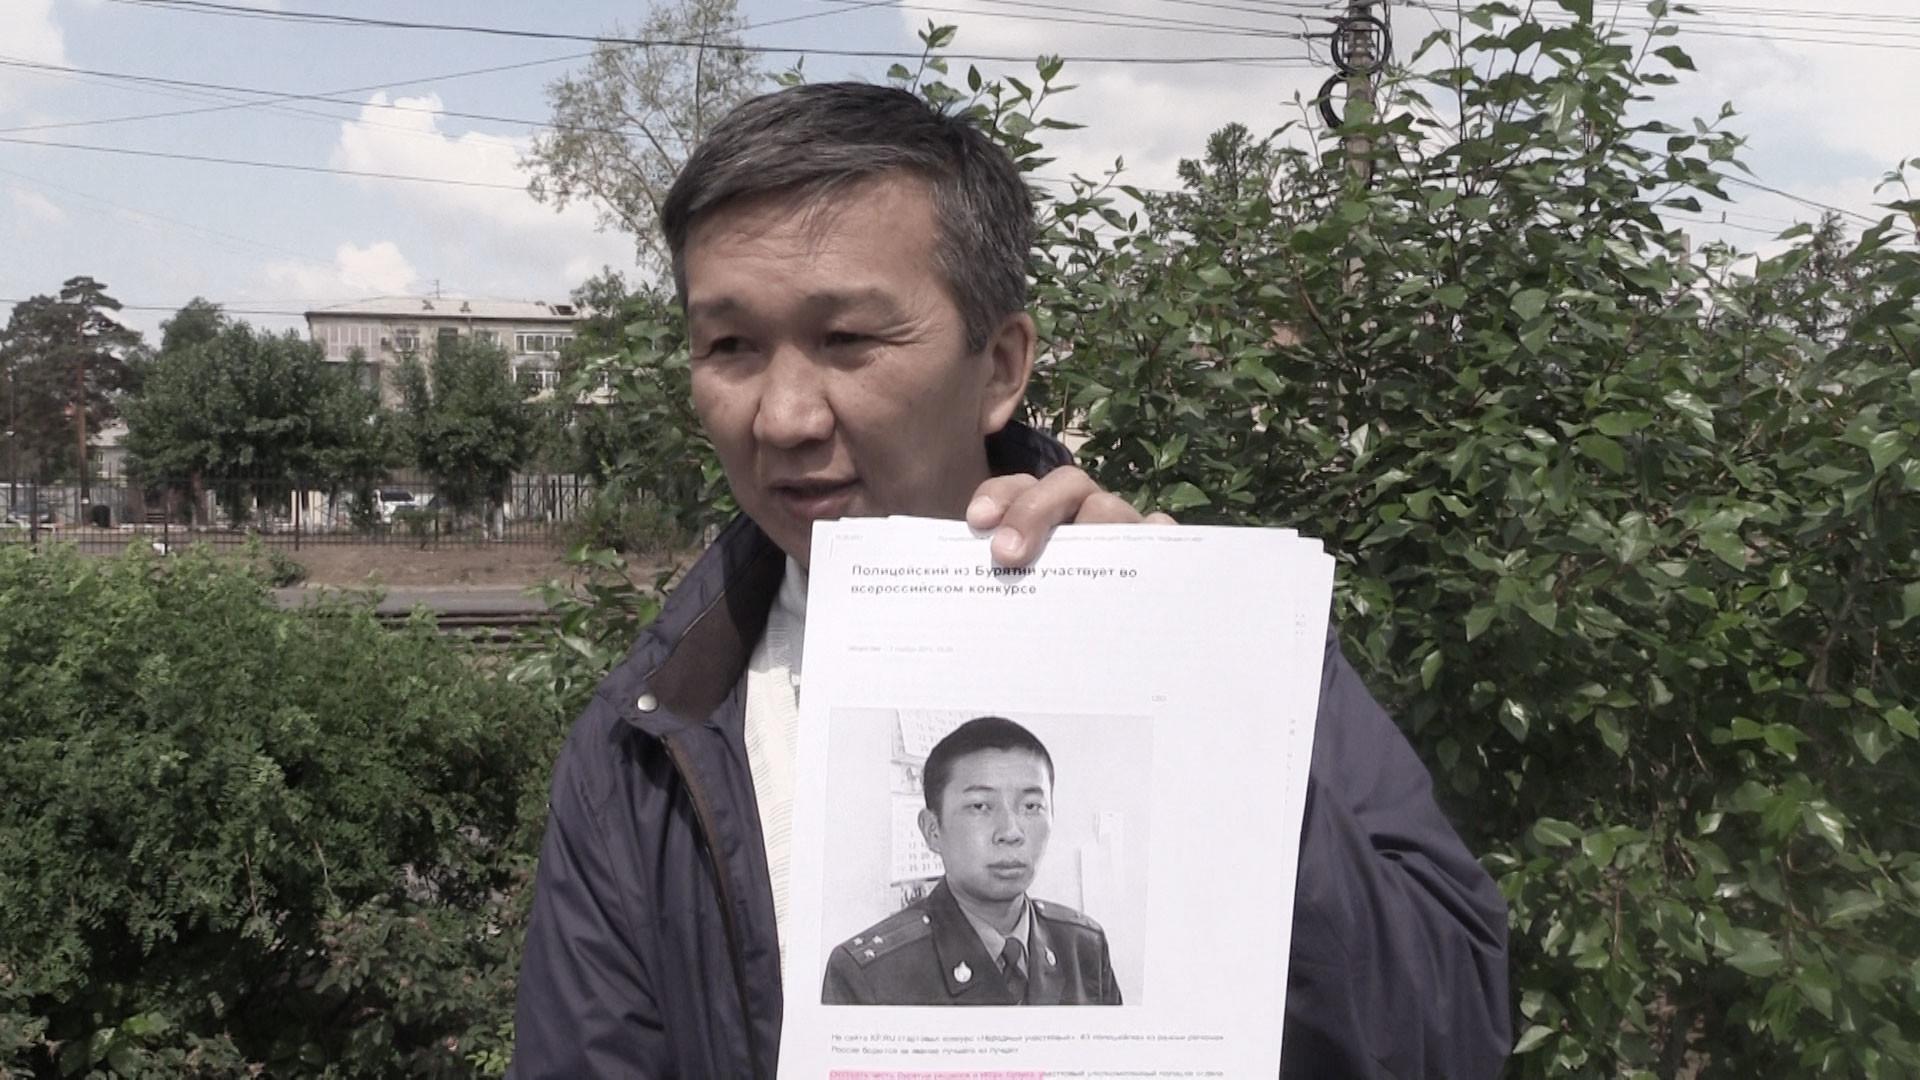 Евгений Хасоев держит фотографию участкового (лучшего в республике в 2011 году), который его избивал. Фото © L!FE